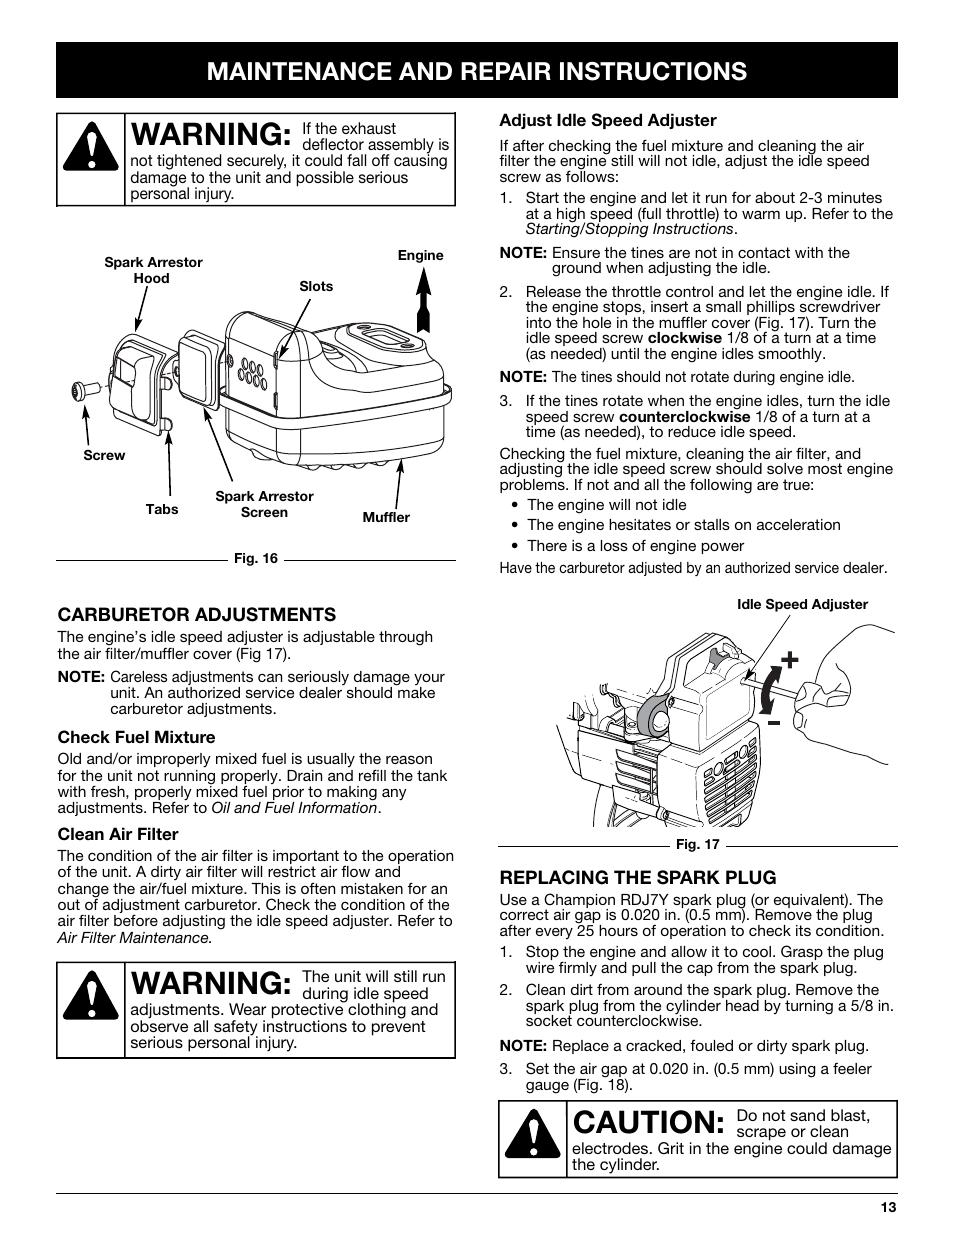 Bicycles Maintenance And Repair Manual Guide